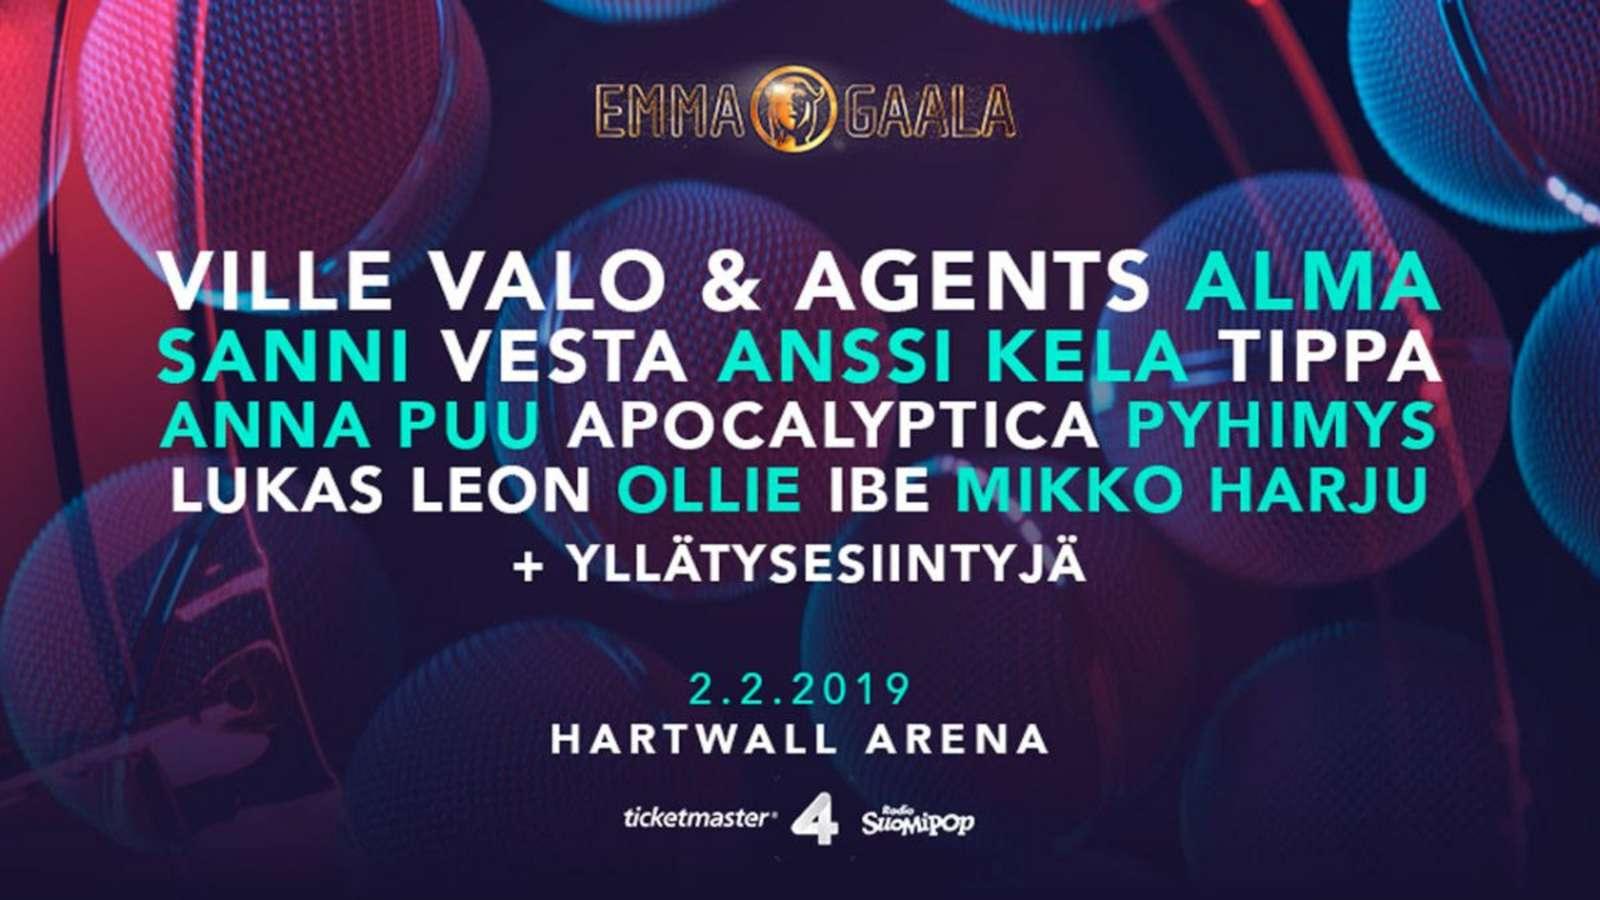 Emma Gaala 2021 Voittajat